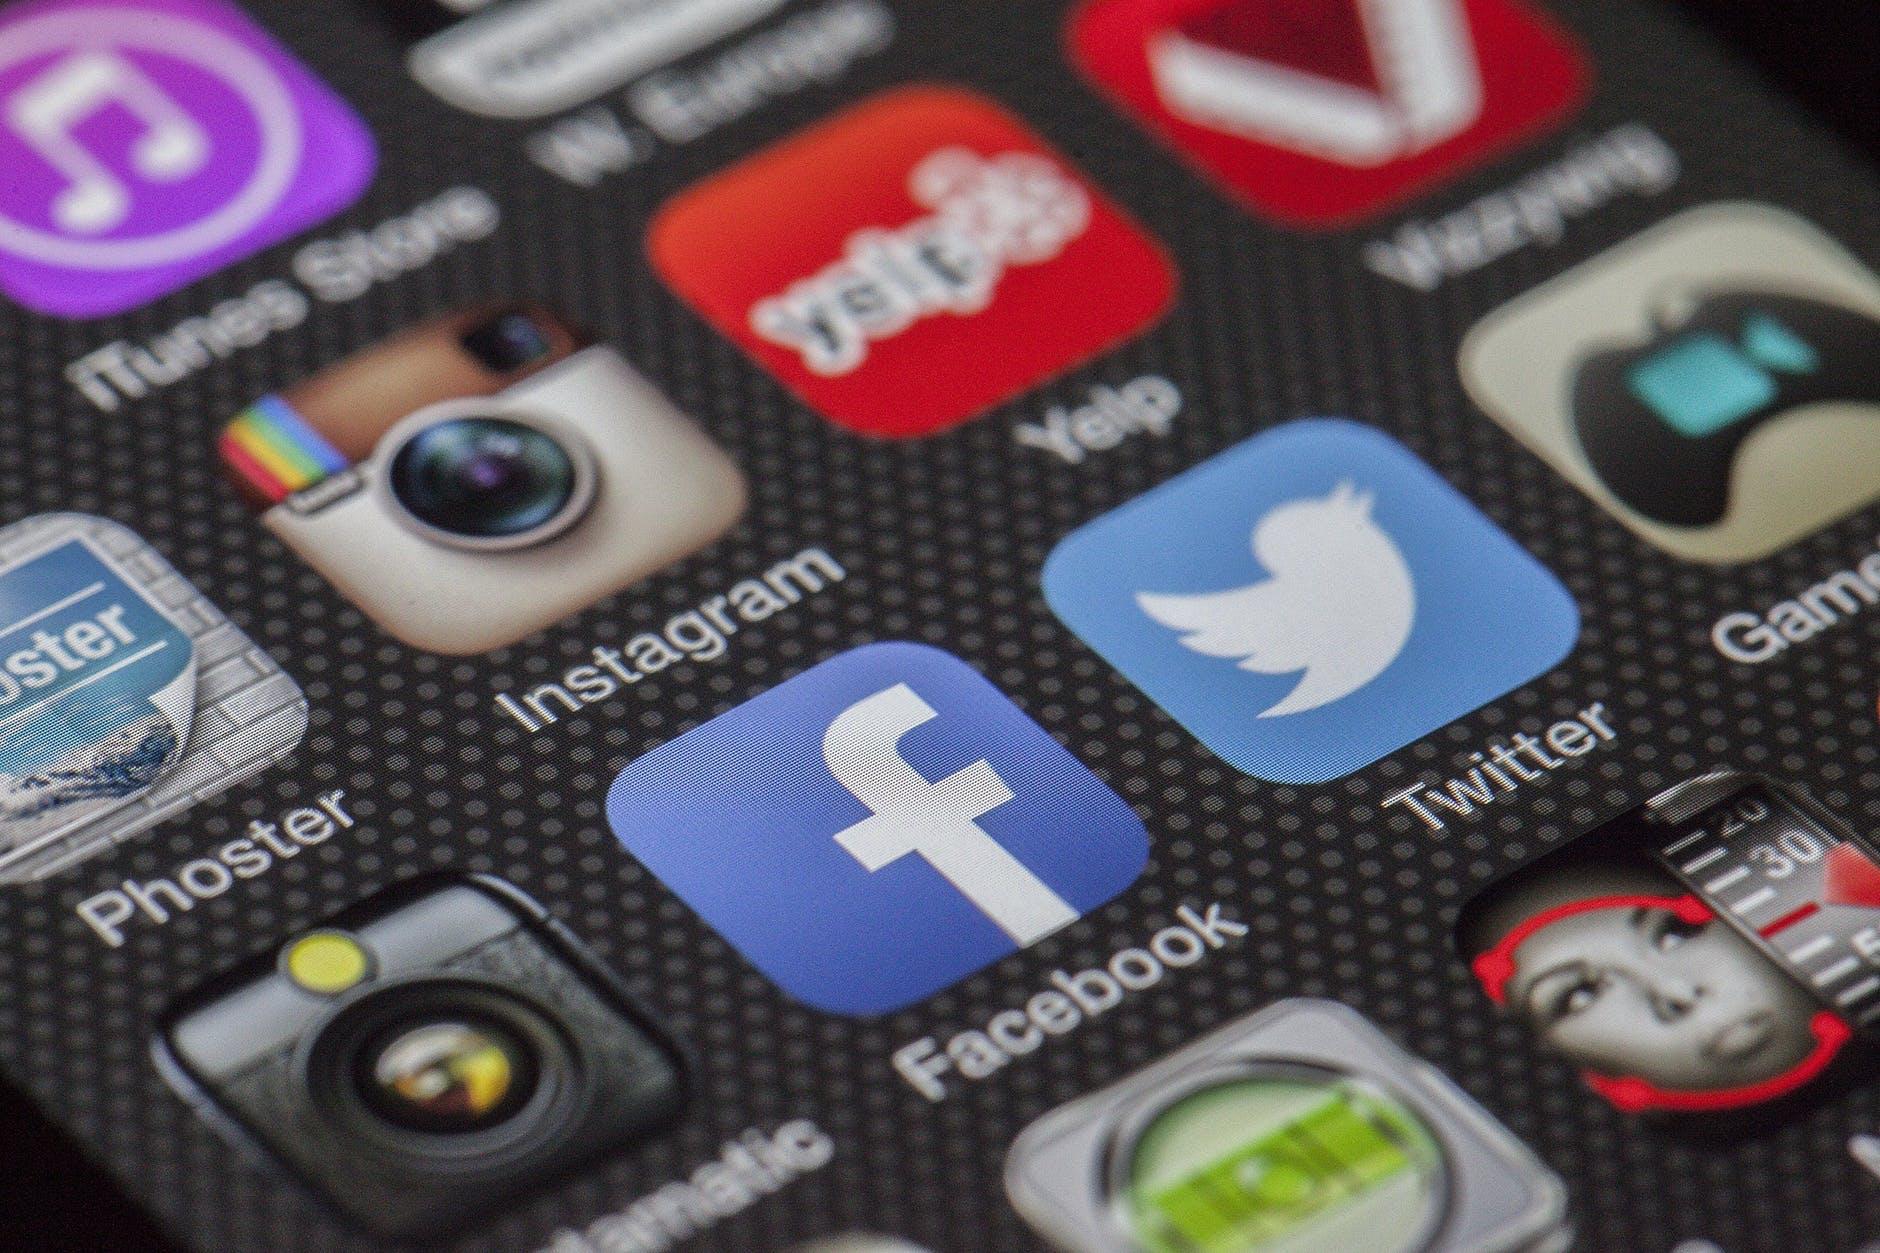 twitter-facebook-together-exchange-of-information-147413.jpeg